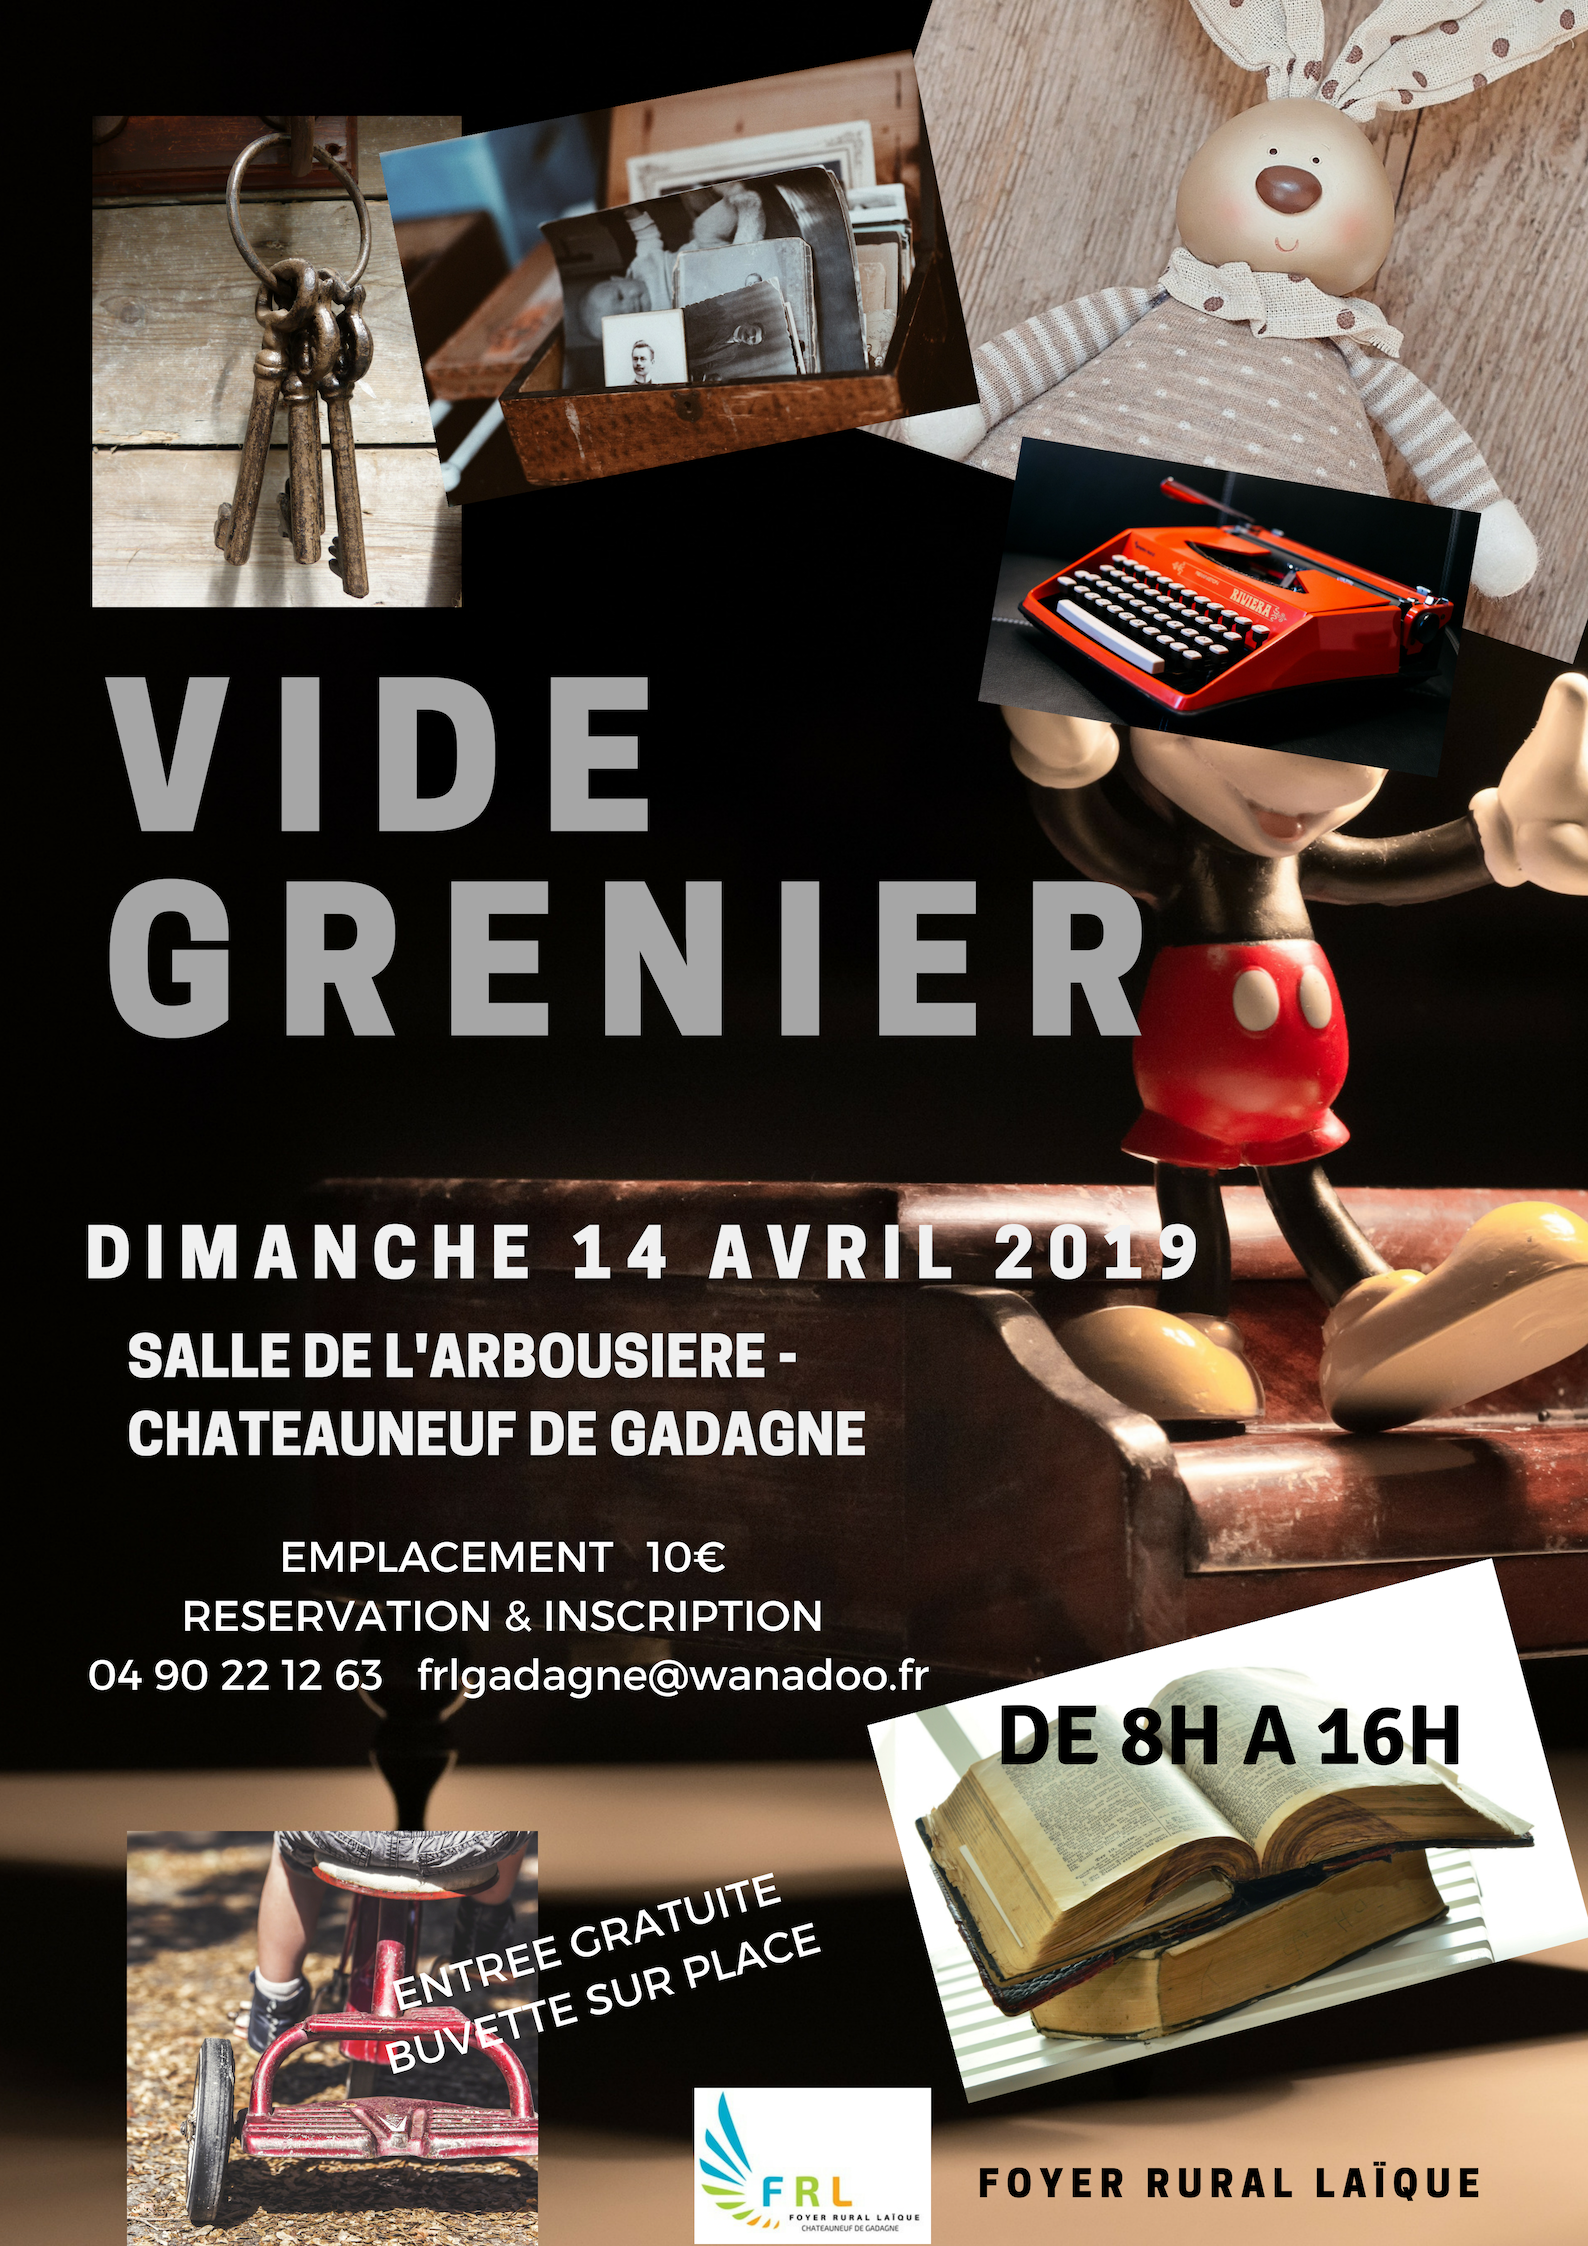 Vide Grenier Chateauneuf De Gadagne